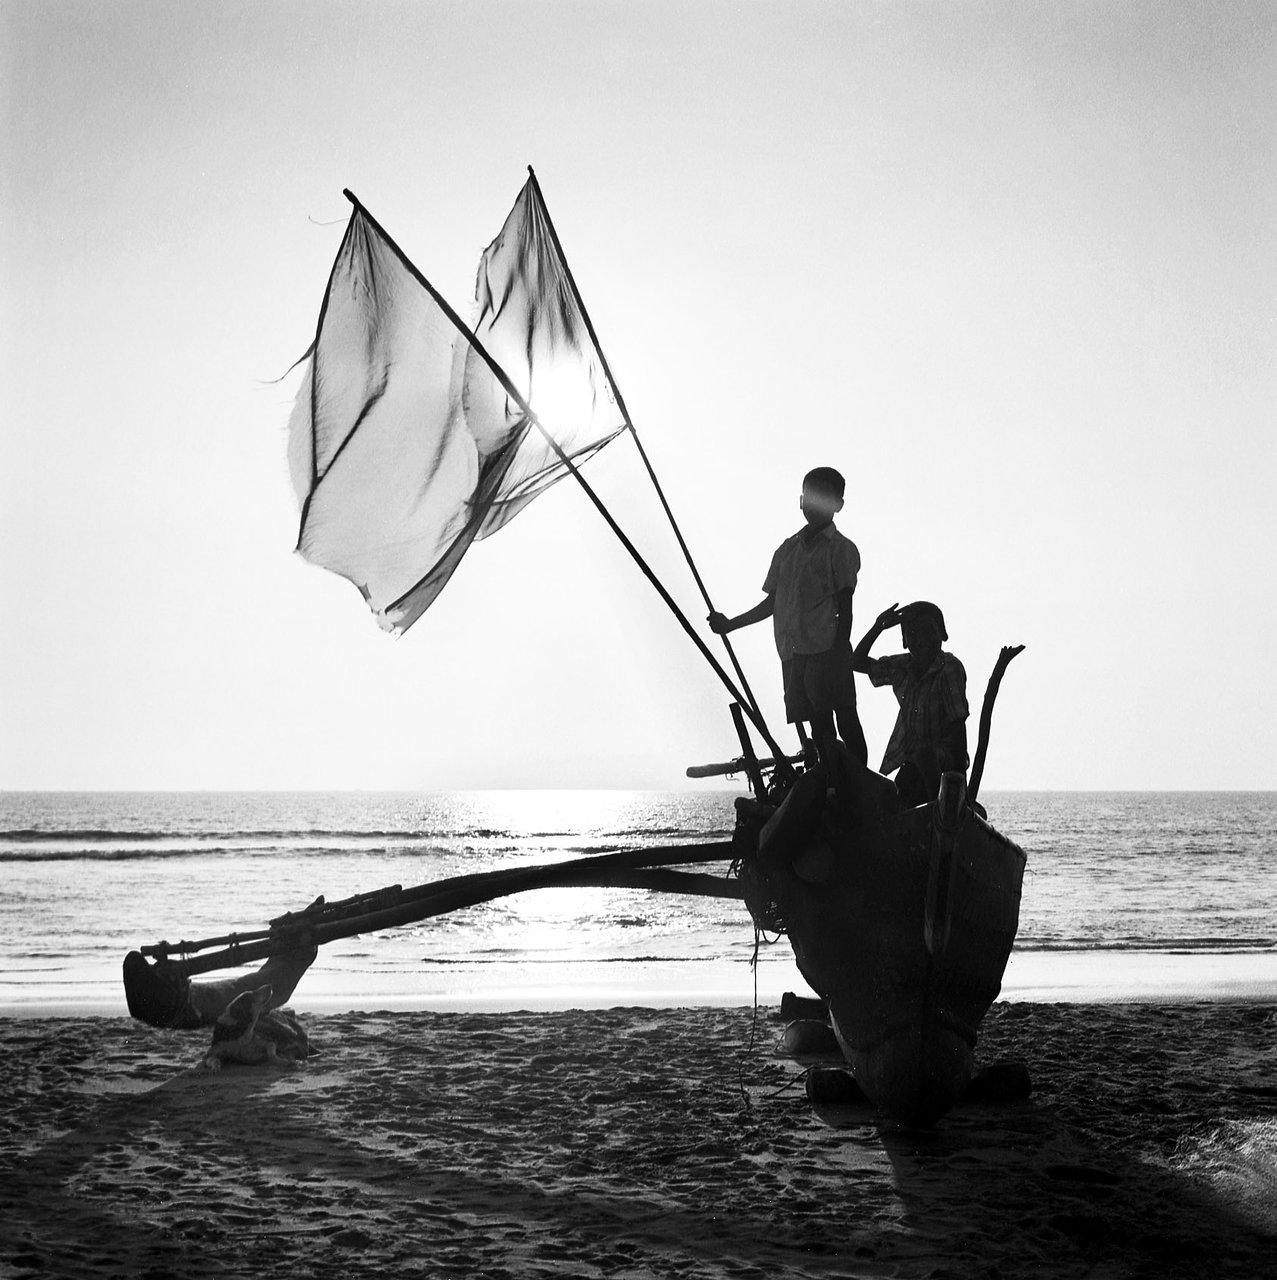 Fishing boat, Gokarna